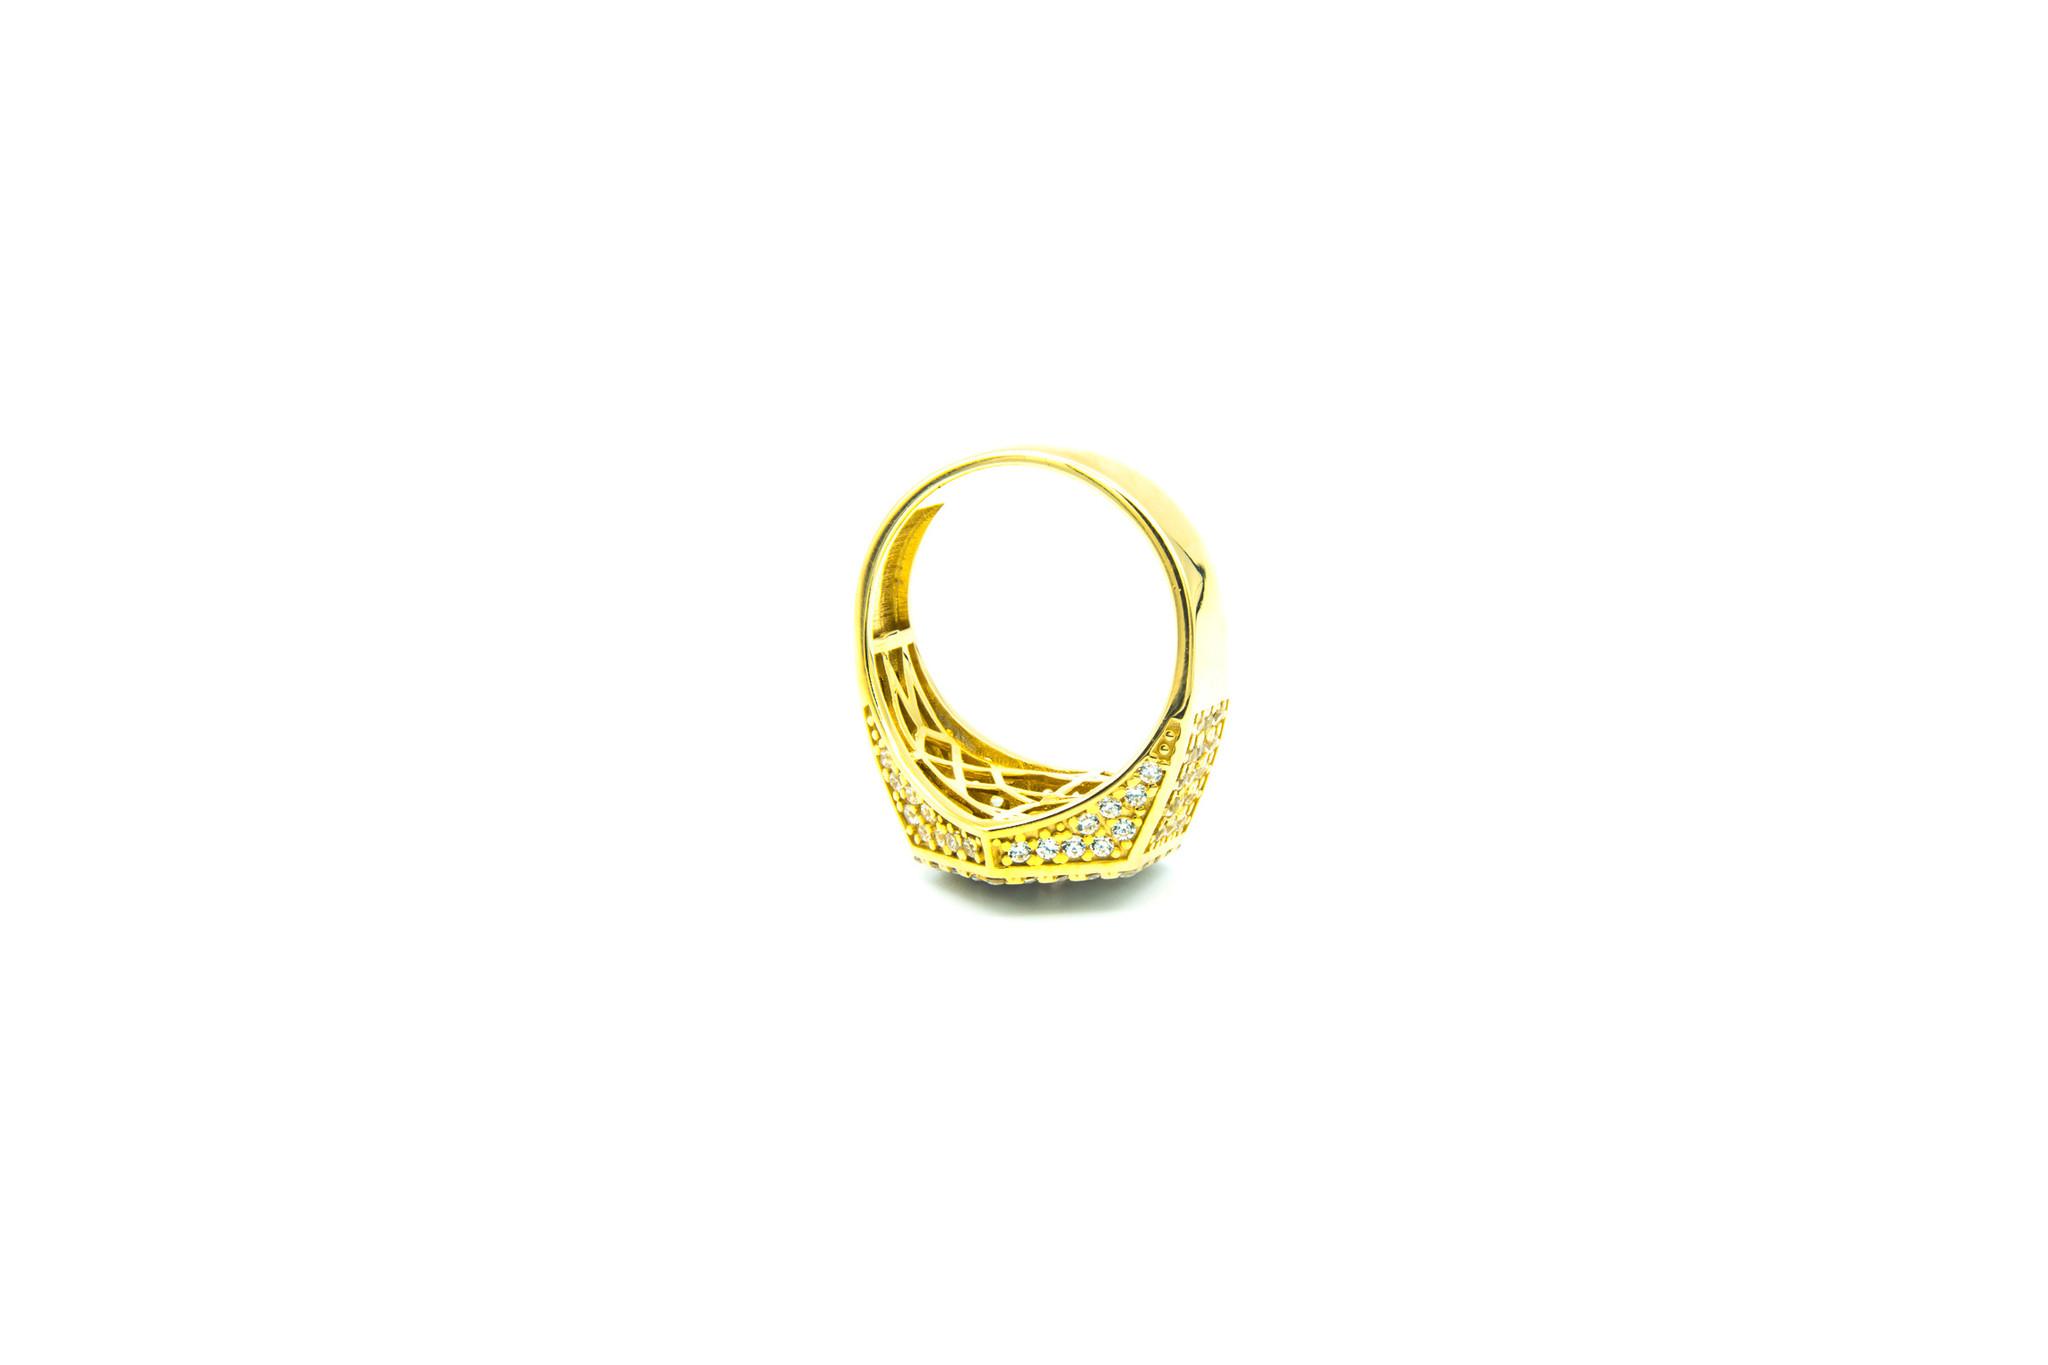 Ring zegel zeshoek met zirkonia's bicolor-6